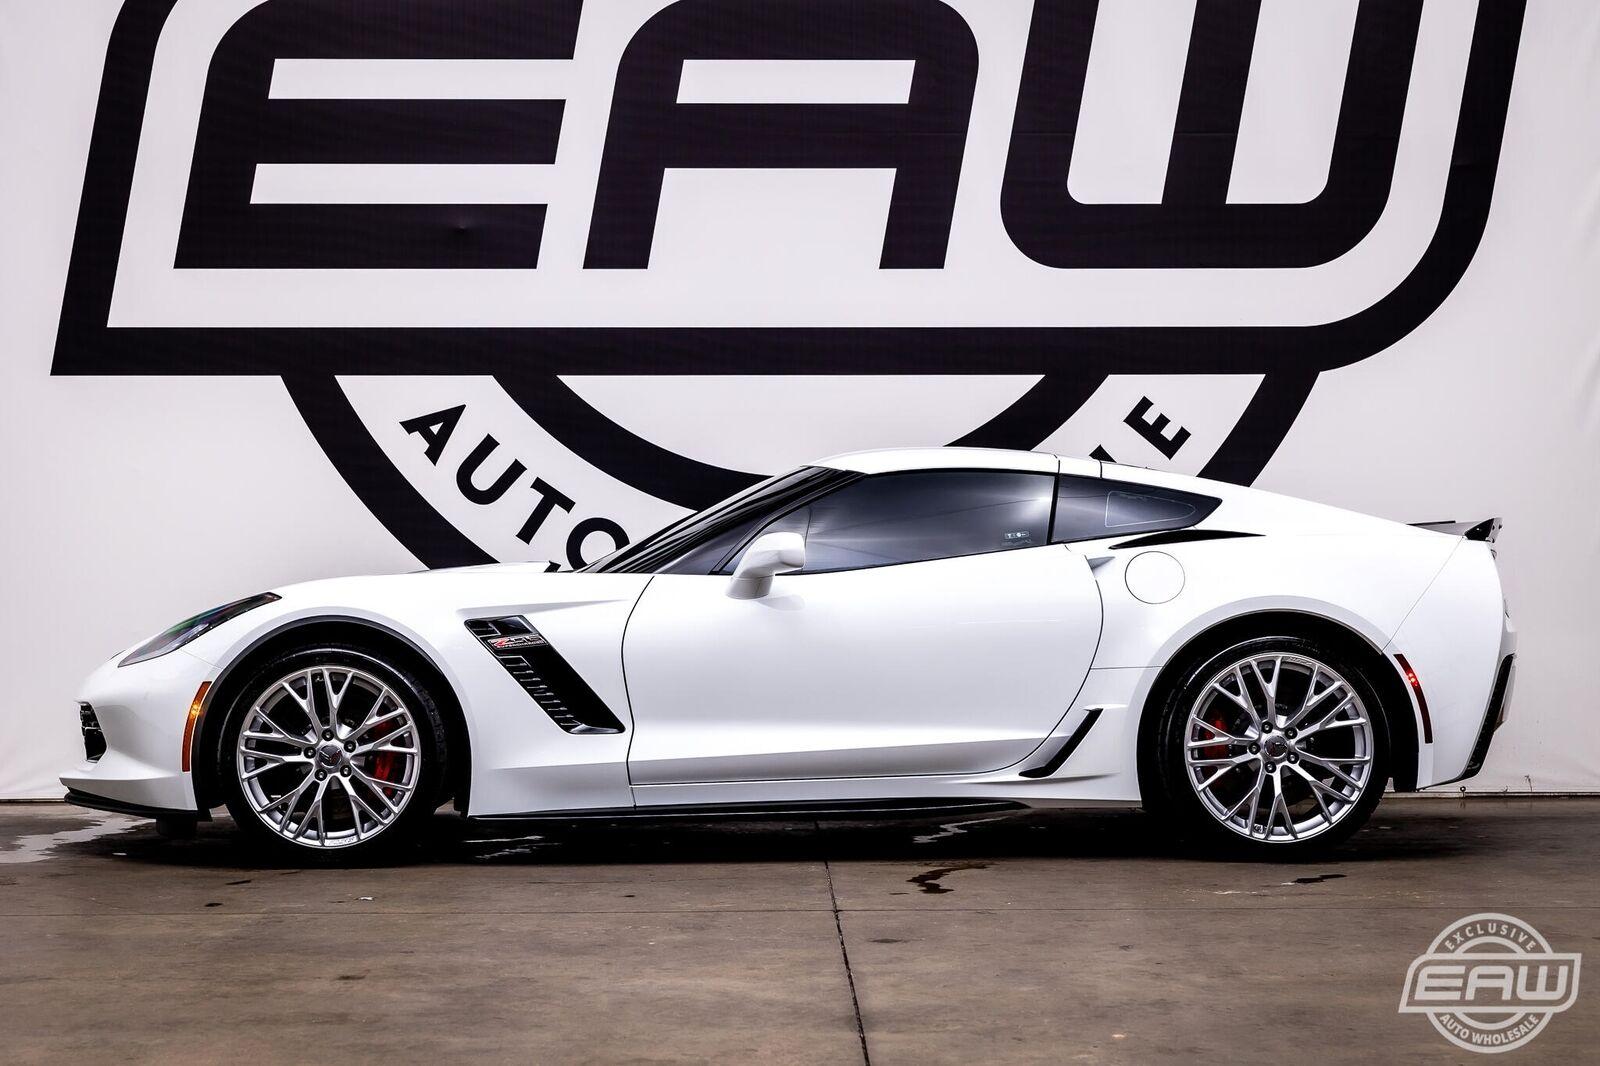 2019 White Chevrolet Corvette Z06 2LZ | C7 Corvette Photo 3